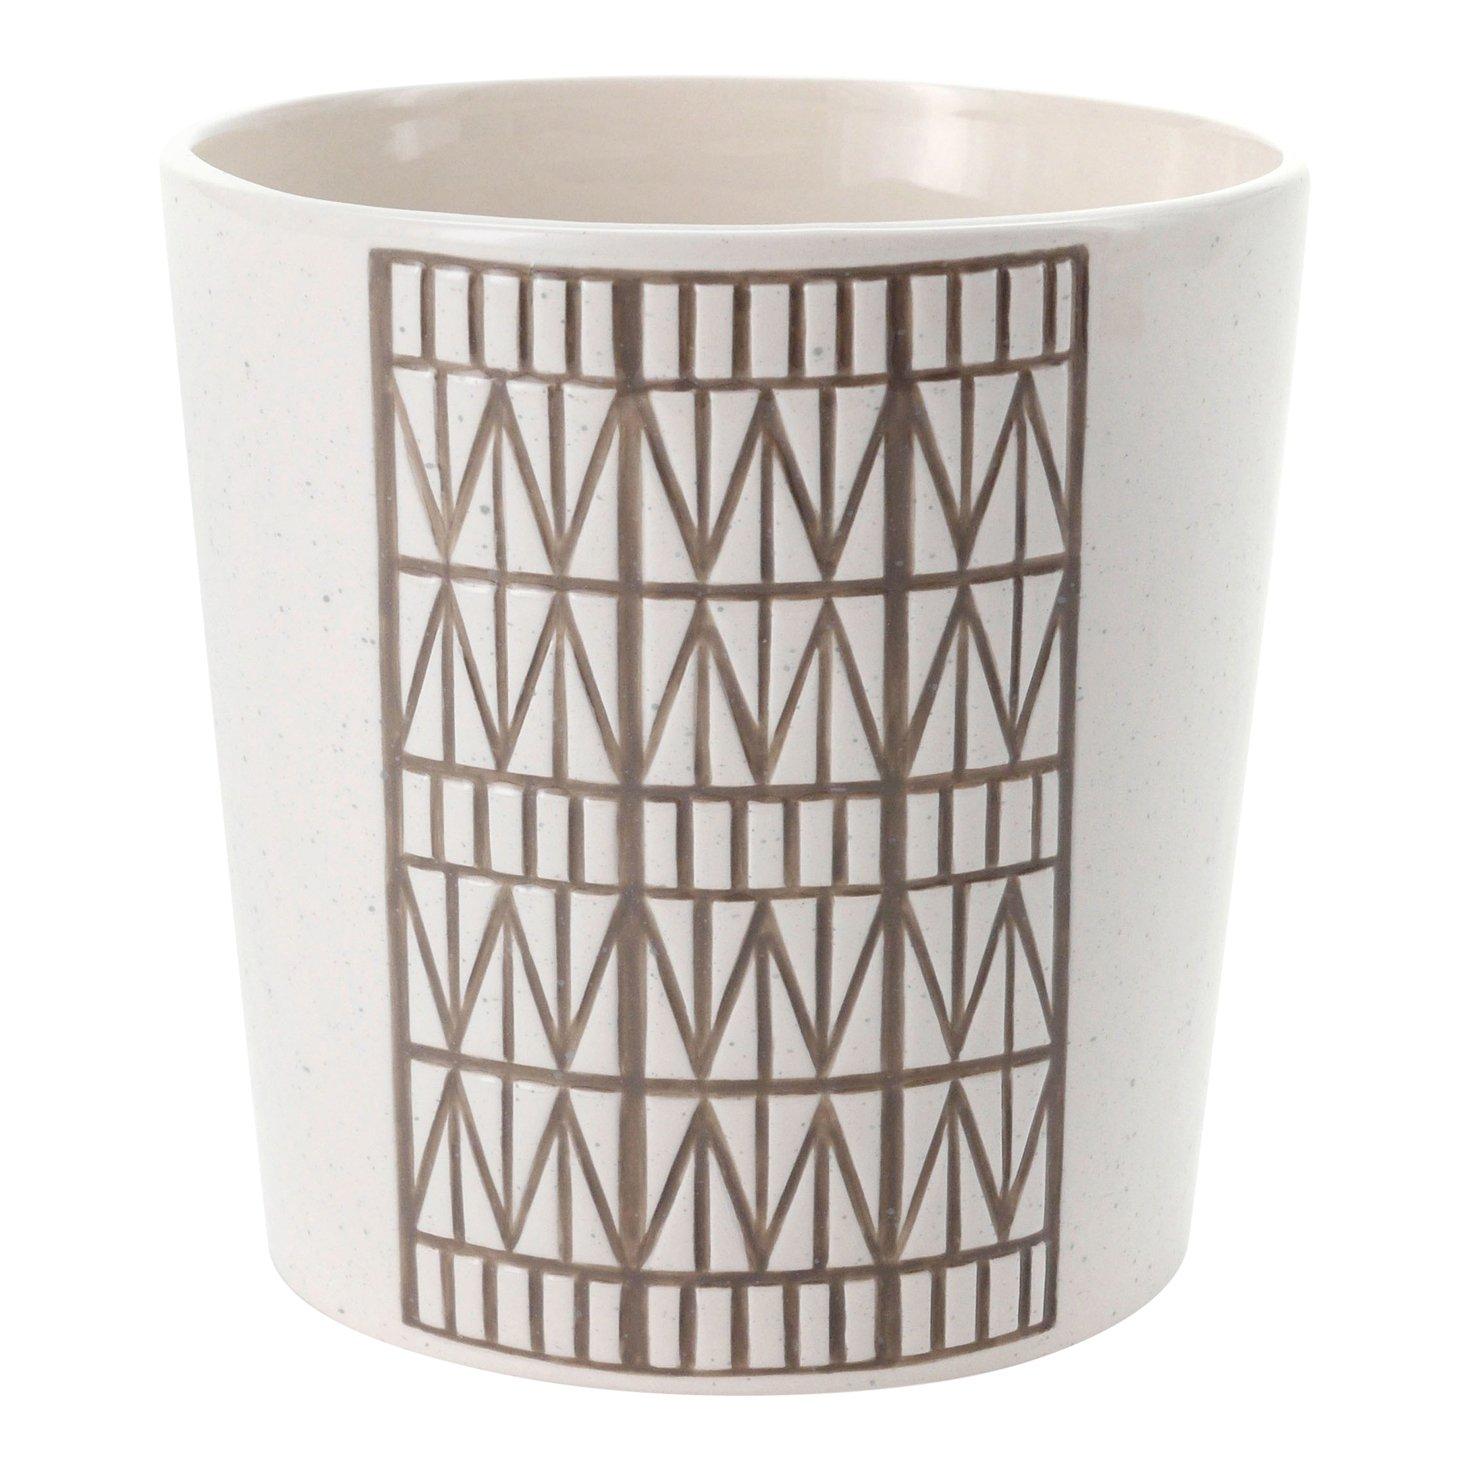 FLOOR 9 Ceramic Pot with Brown Debossed Diamond Design, Medium 7 inch